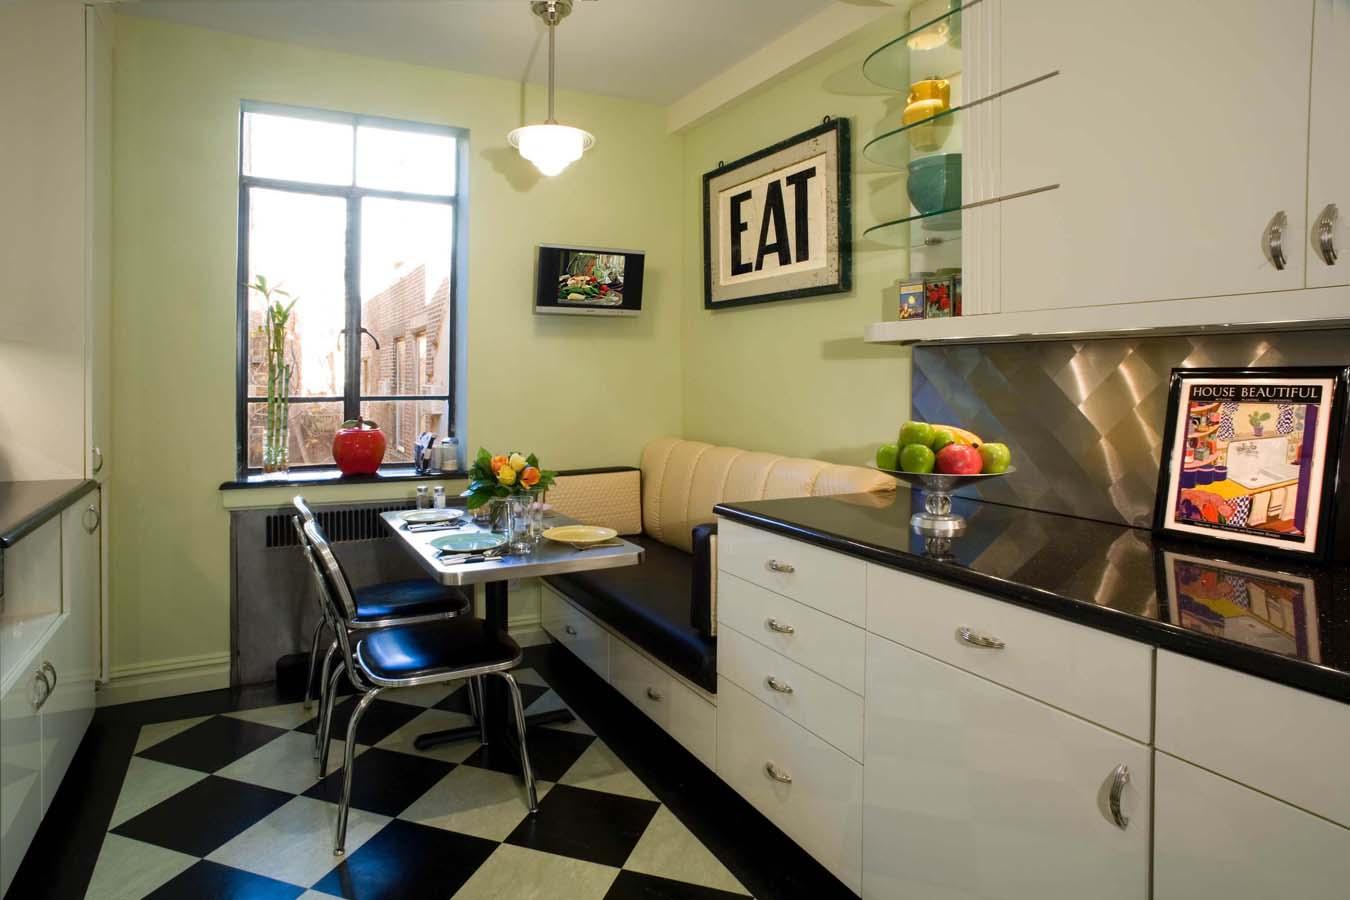 Обеденная зона на кухне (57 фото): интерьер, мягкая мебель, .